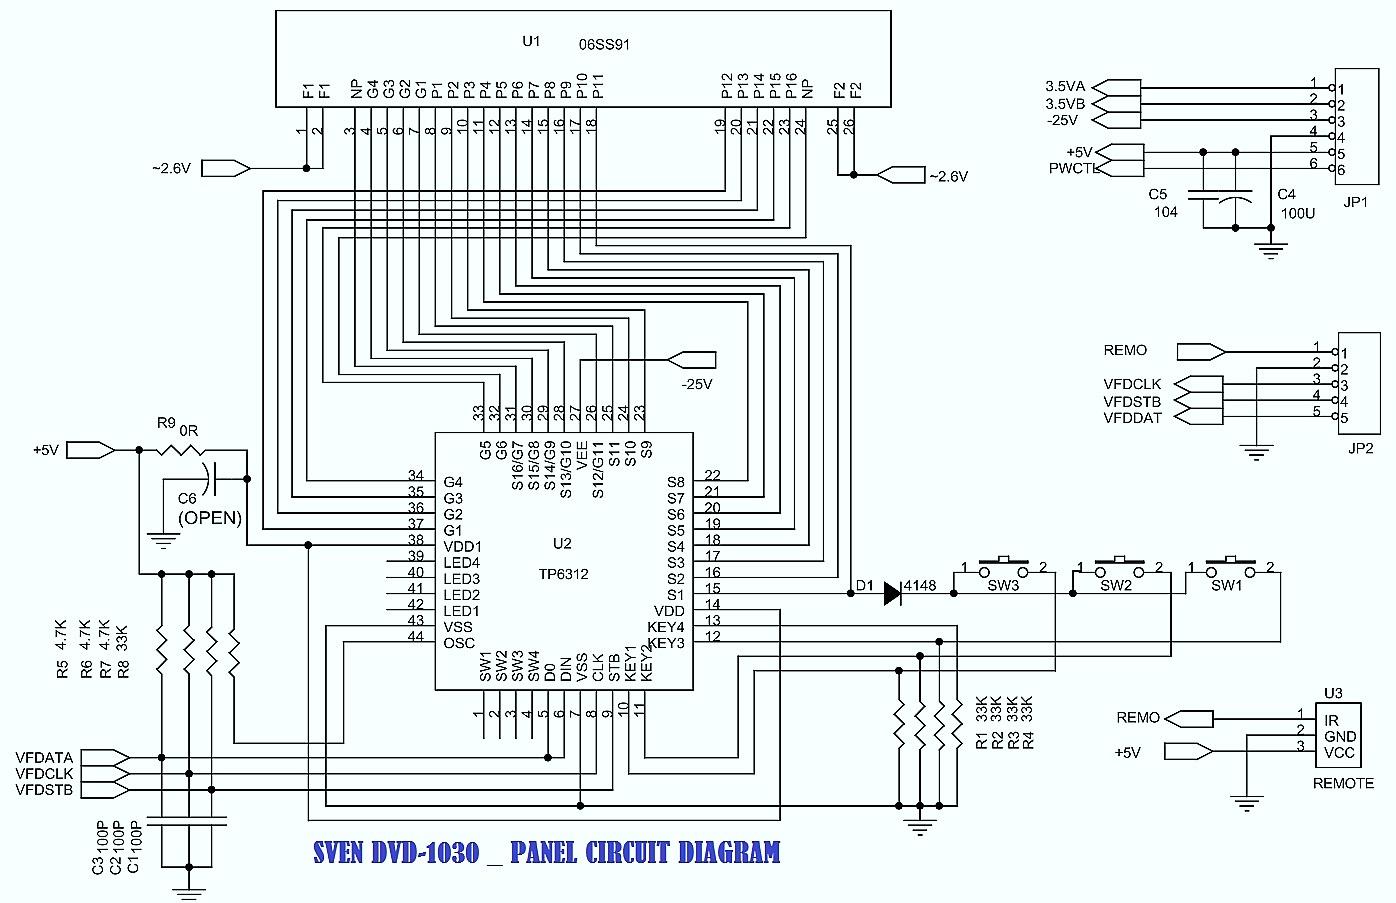 hyundai veloster wiring diagram circuit diagrams hyundai 2001 hyundai tiburon radio wiring diagram hyundai tiburon radio [ 1396 x 903 Pixel ]